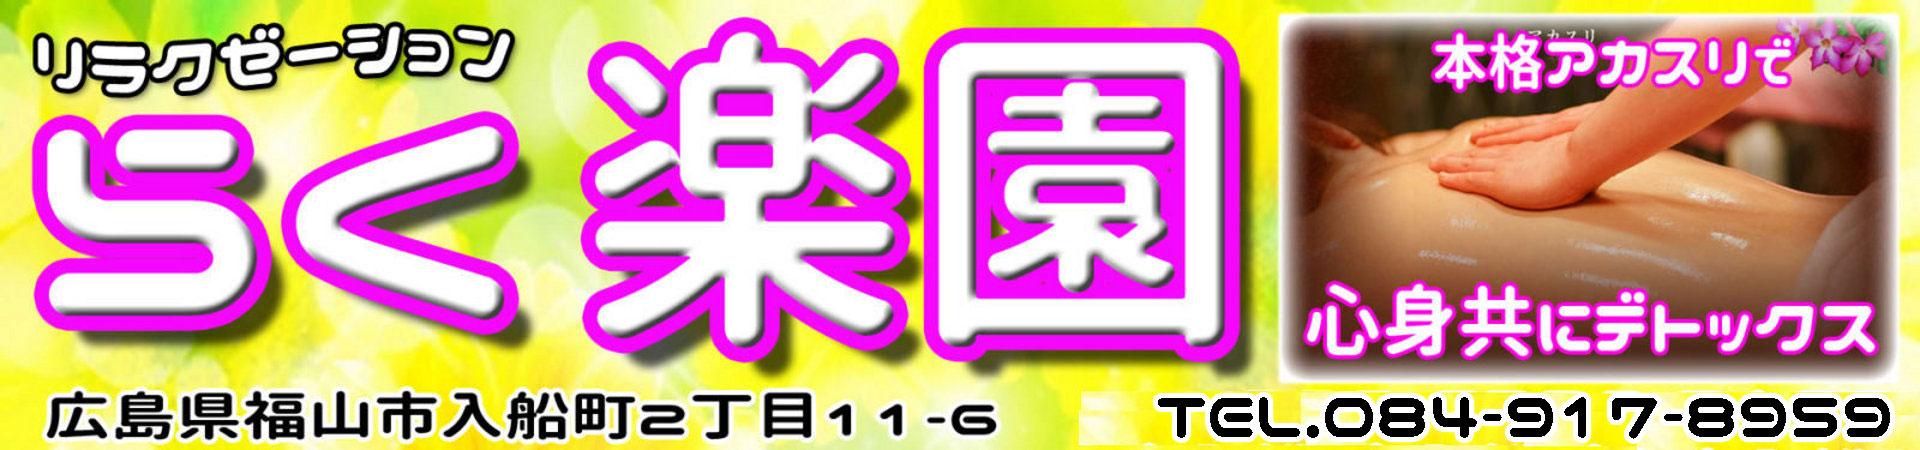 【らく楽園】福山/広島